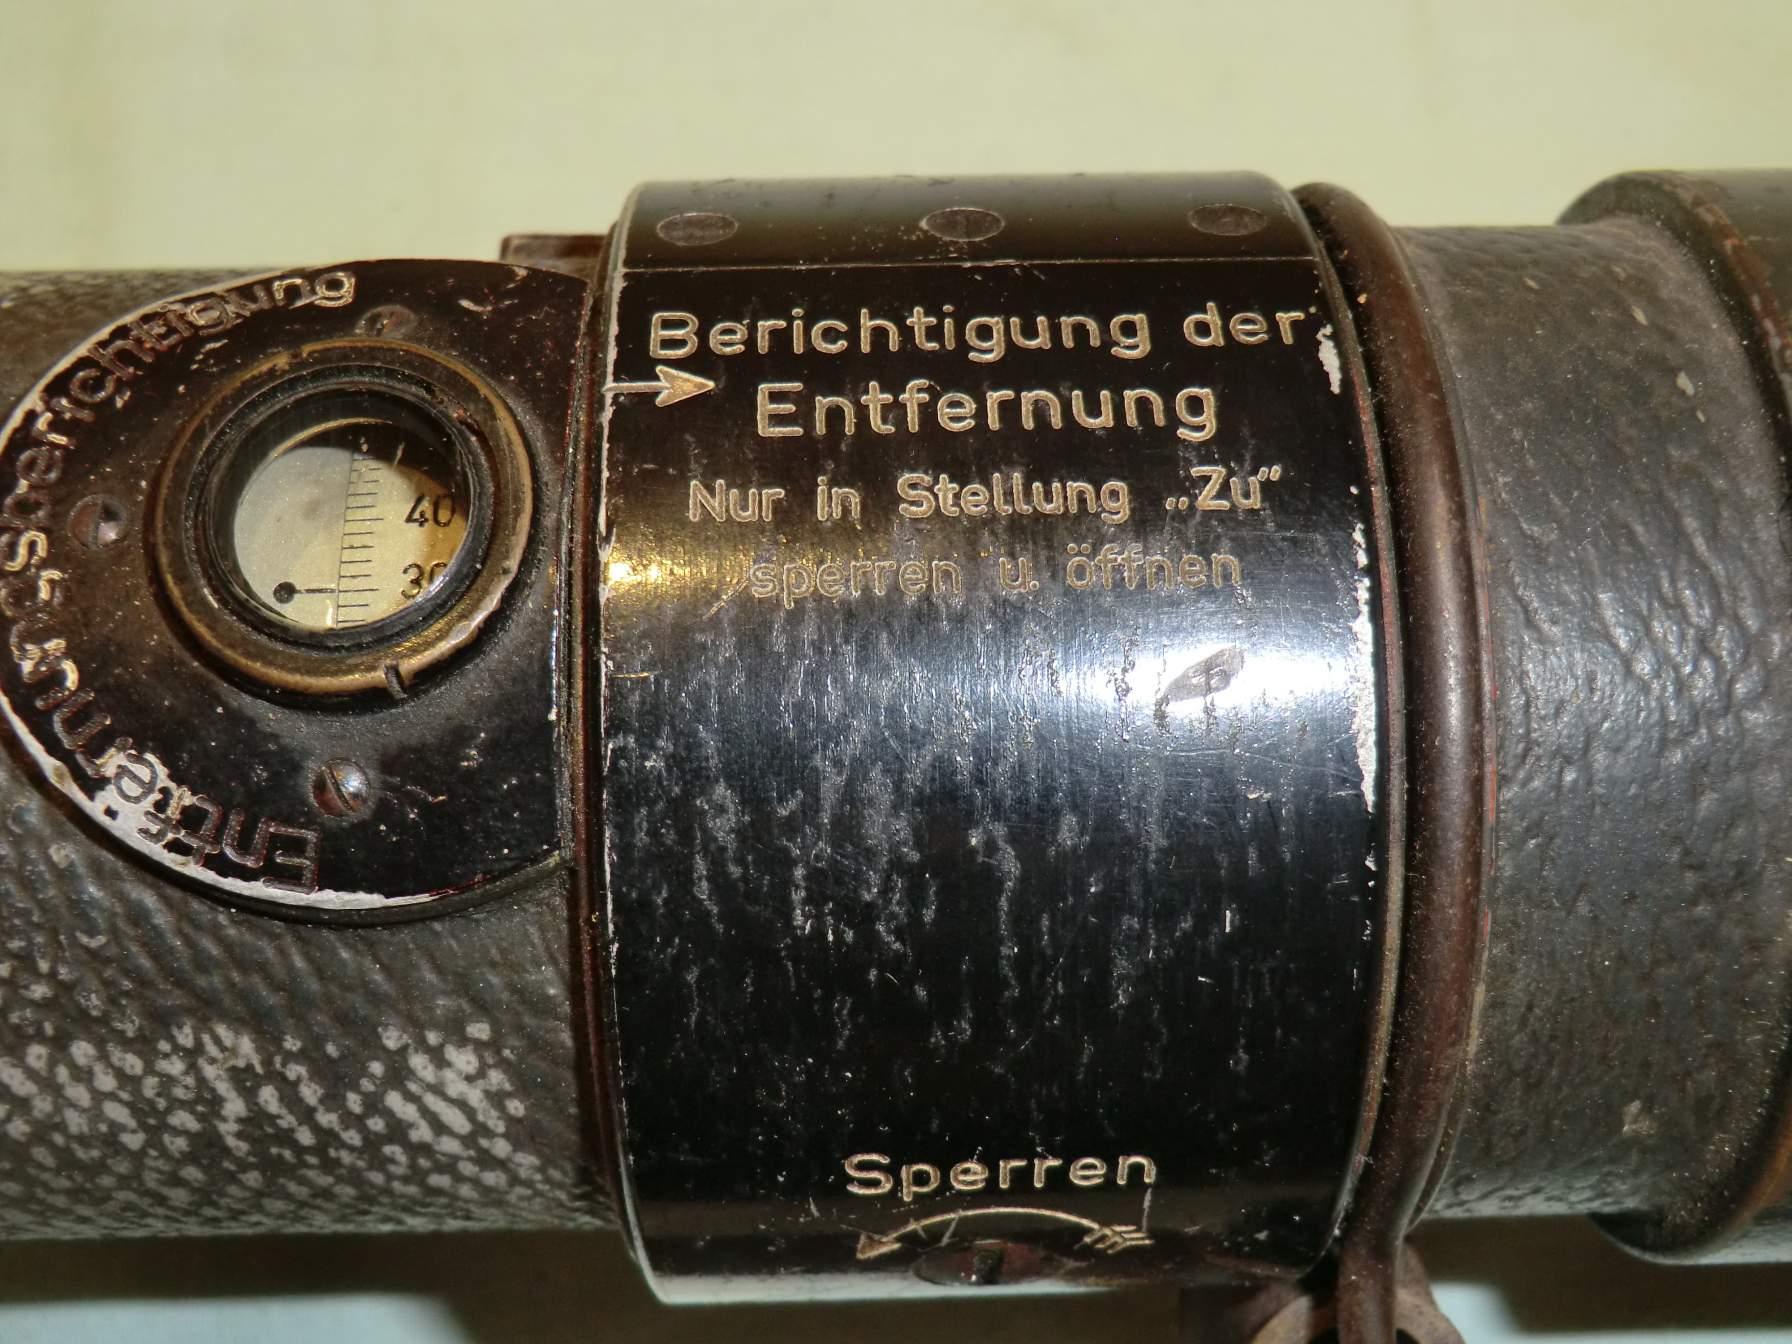 Entfernungsmesser Em 34 : Em34 rangefinder entfernungsmesser used with the mg.34